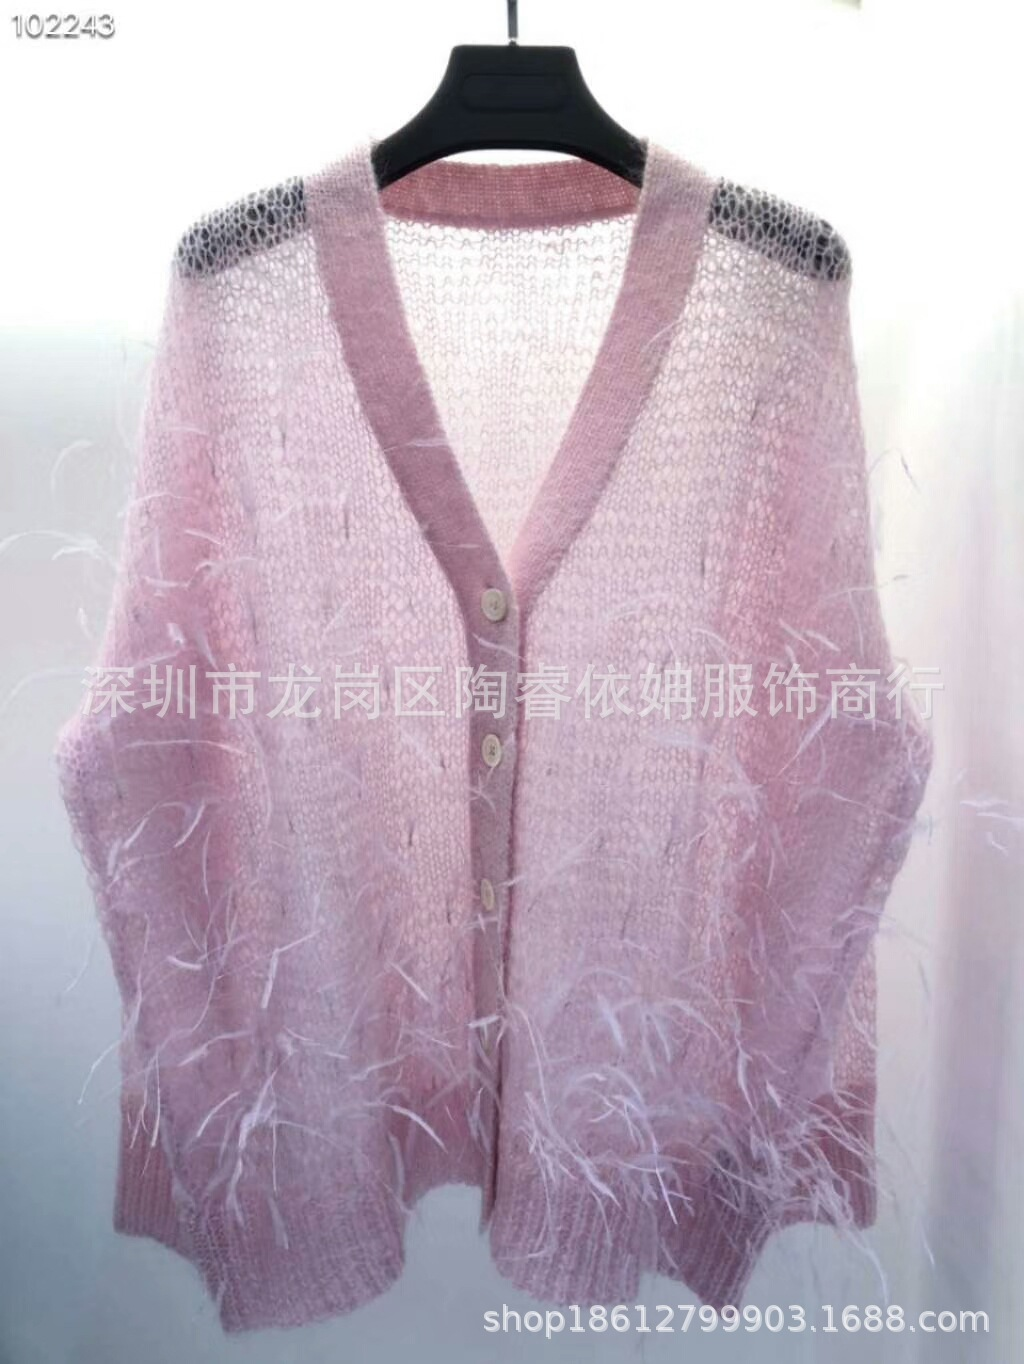 Áo len hồng cổ tam giác chất liệu vải mỏng nhẹ, thoáng mát